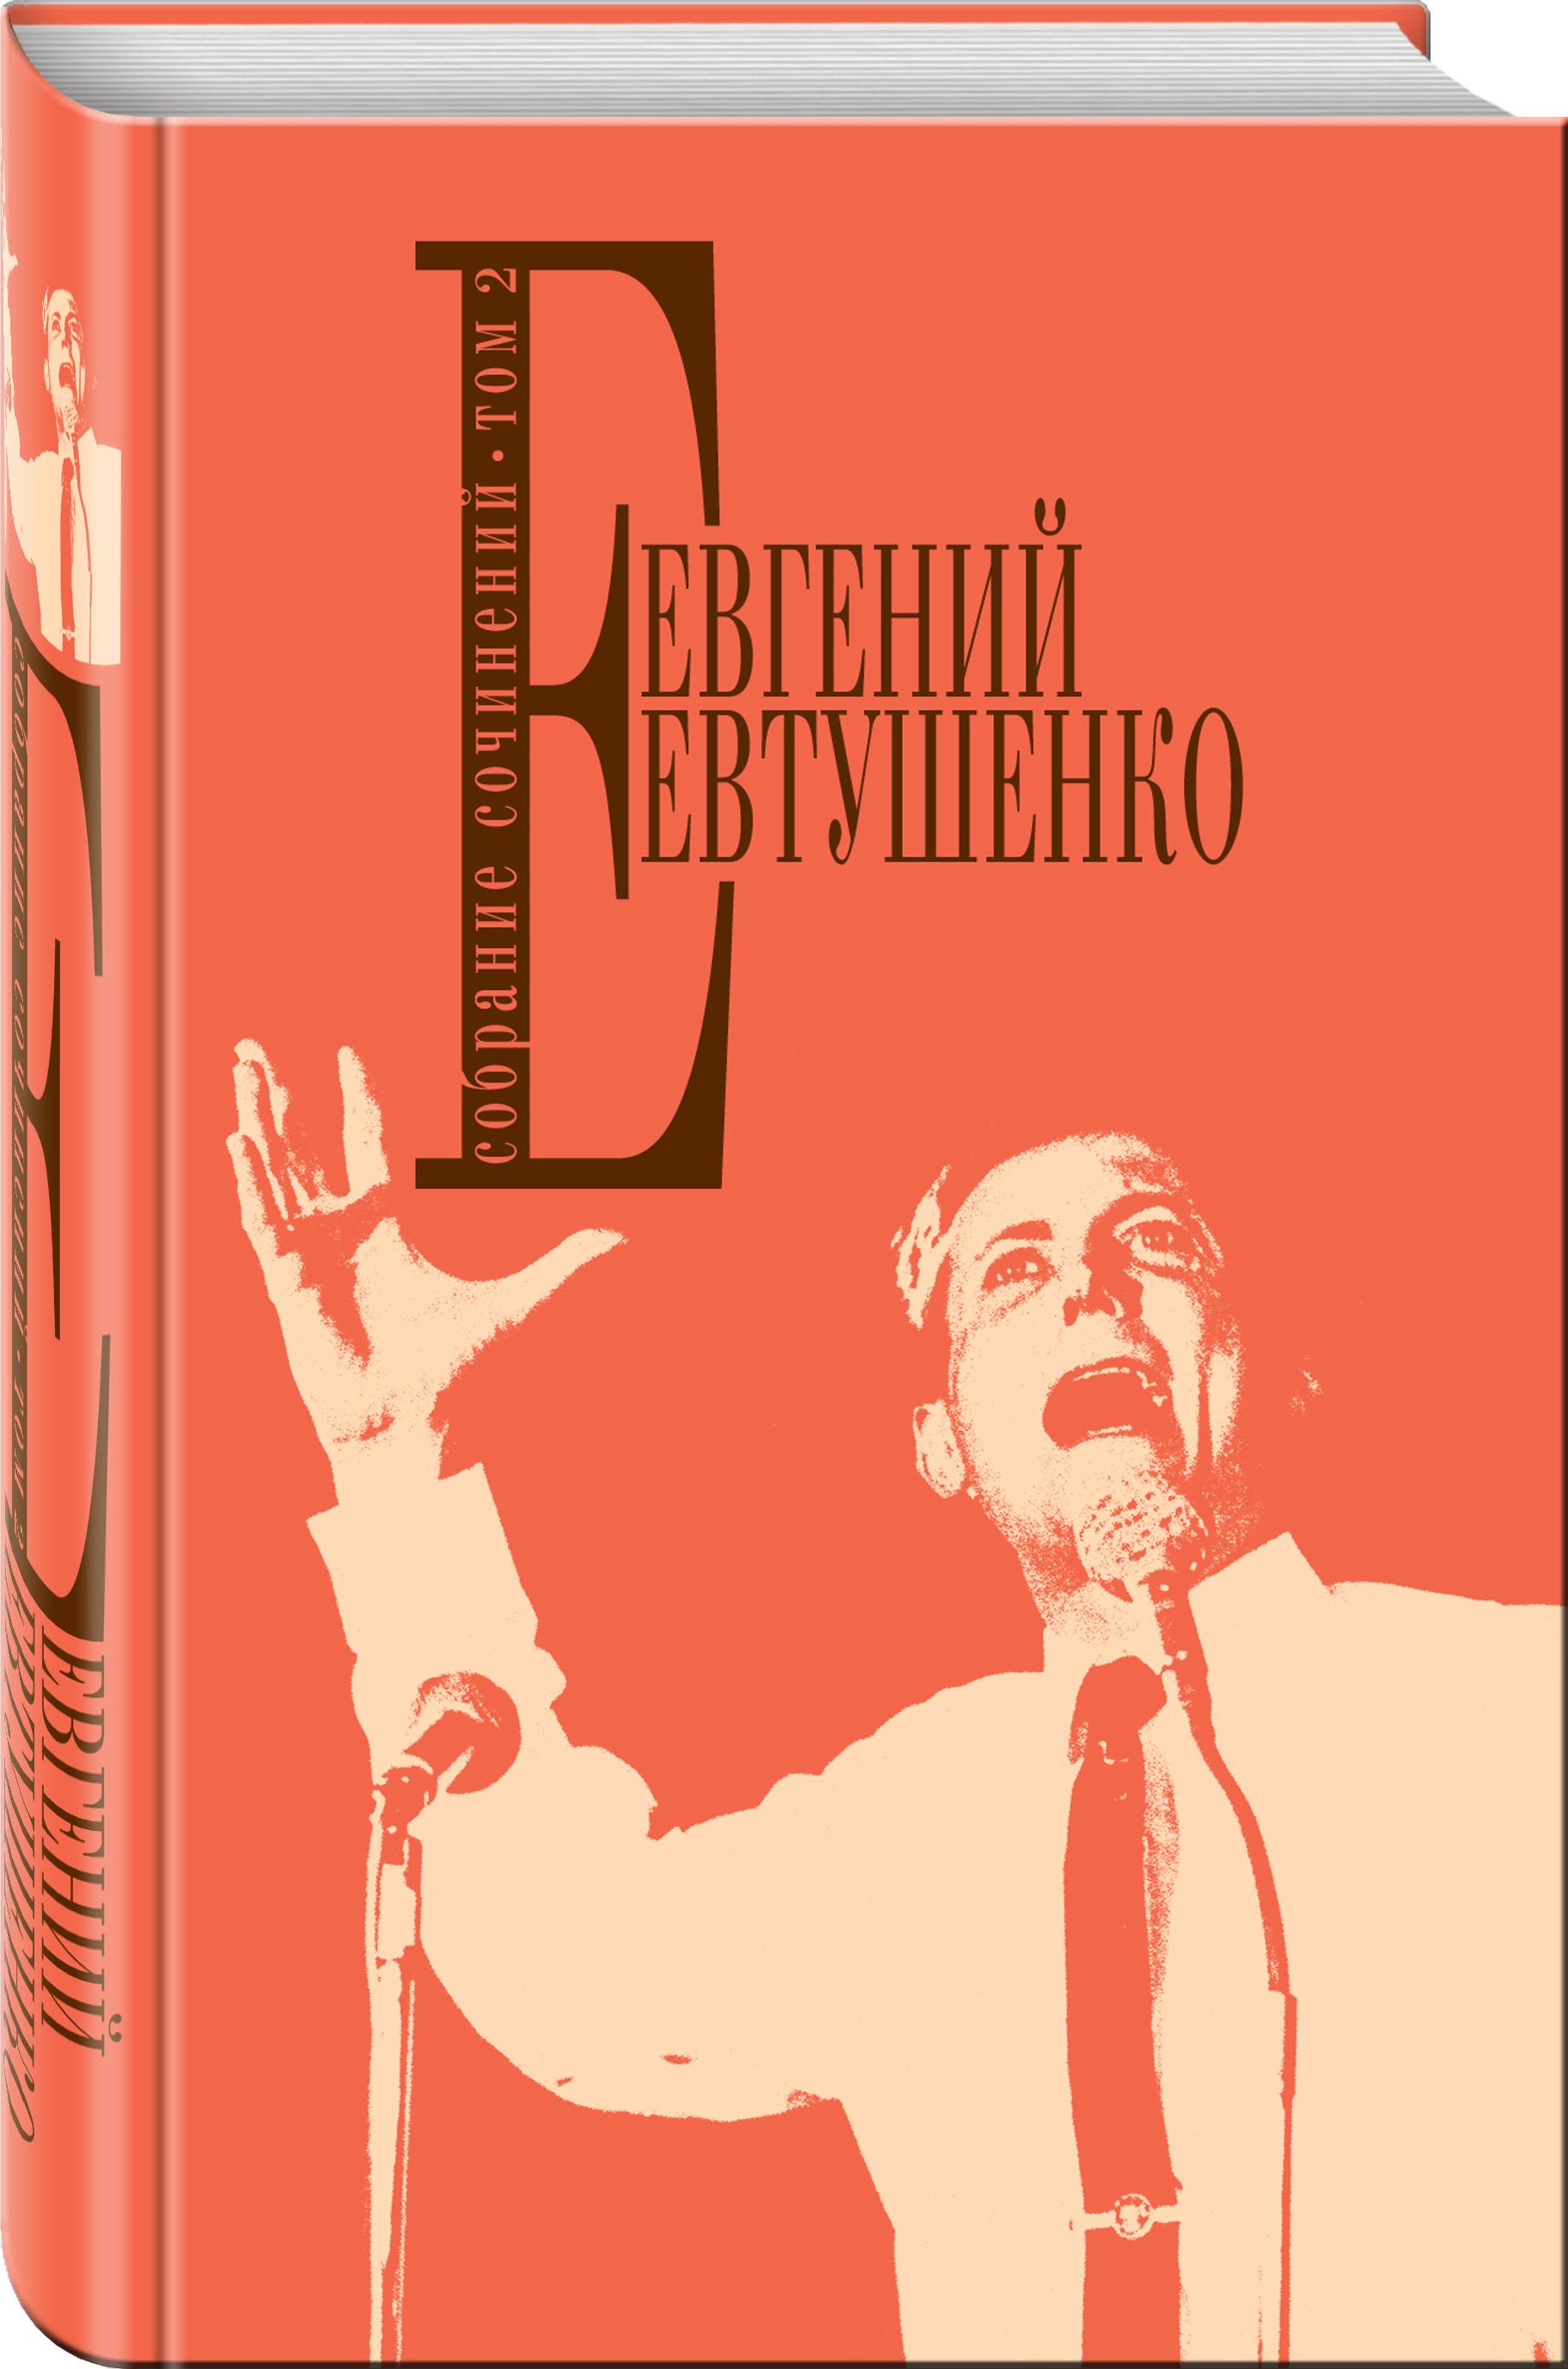 Евгений Евтушенко Собрание сочинений. Т. 2 стоимость